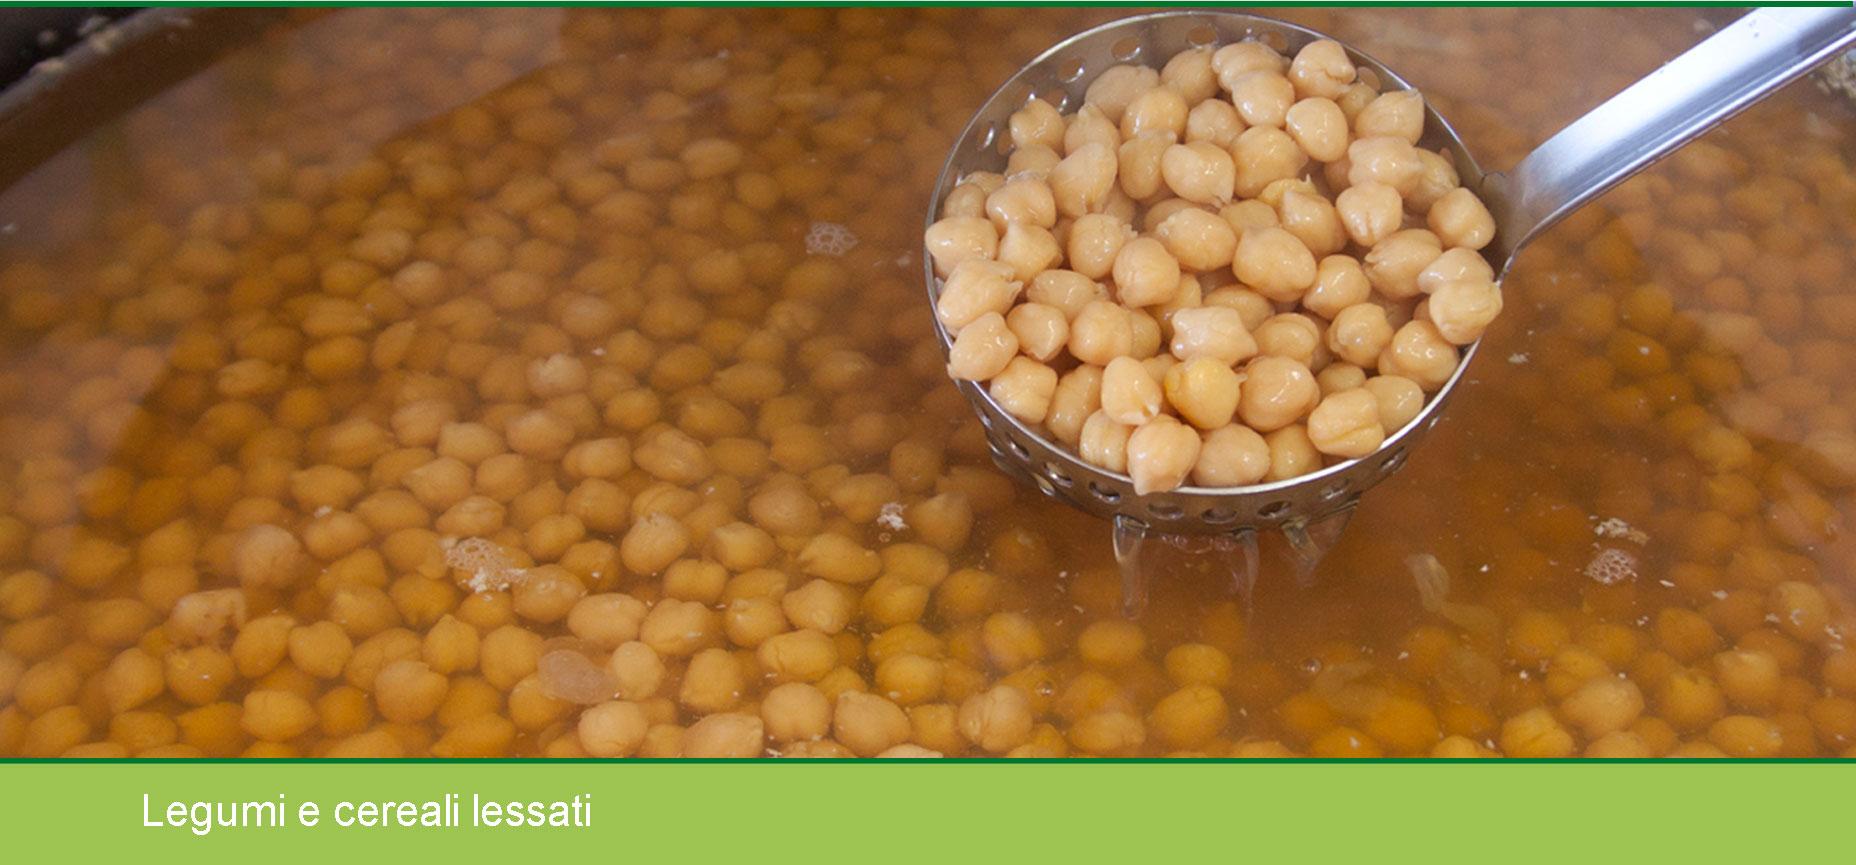 Legumi e cereali sulle tavole italiane